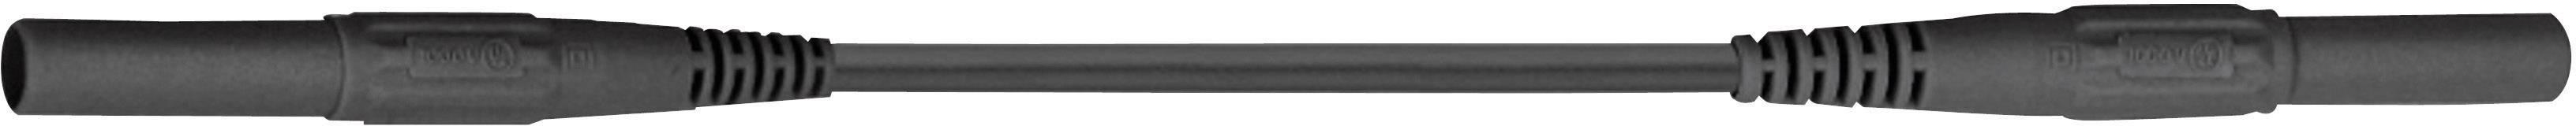 Merací silikónový kábel Multicontact XMS-419, 2,5 mm², čierny, 0,5 m